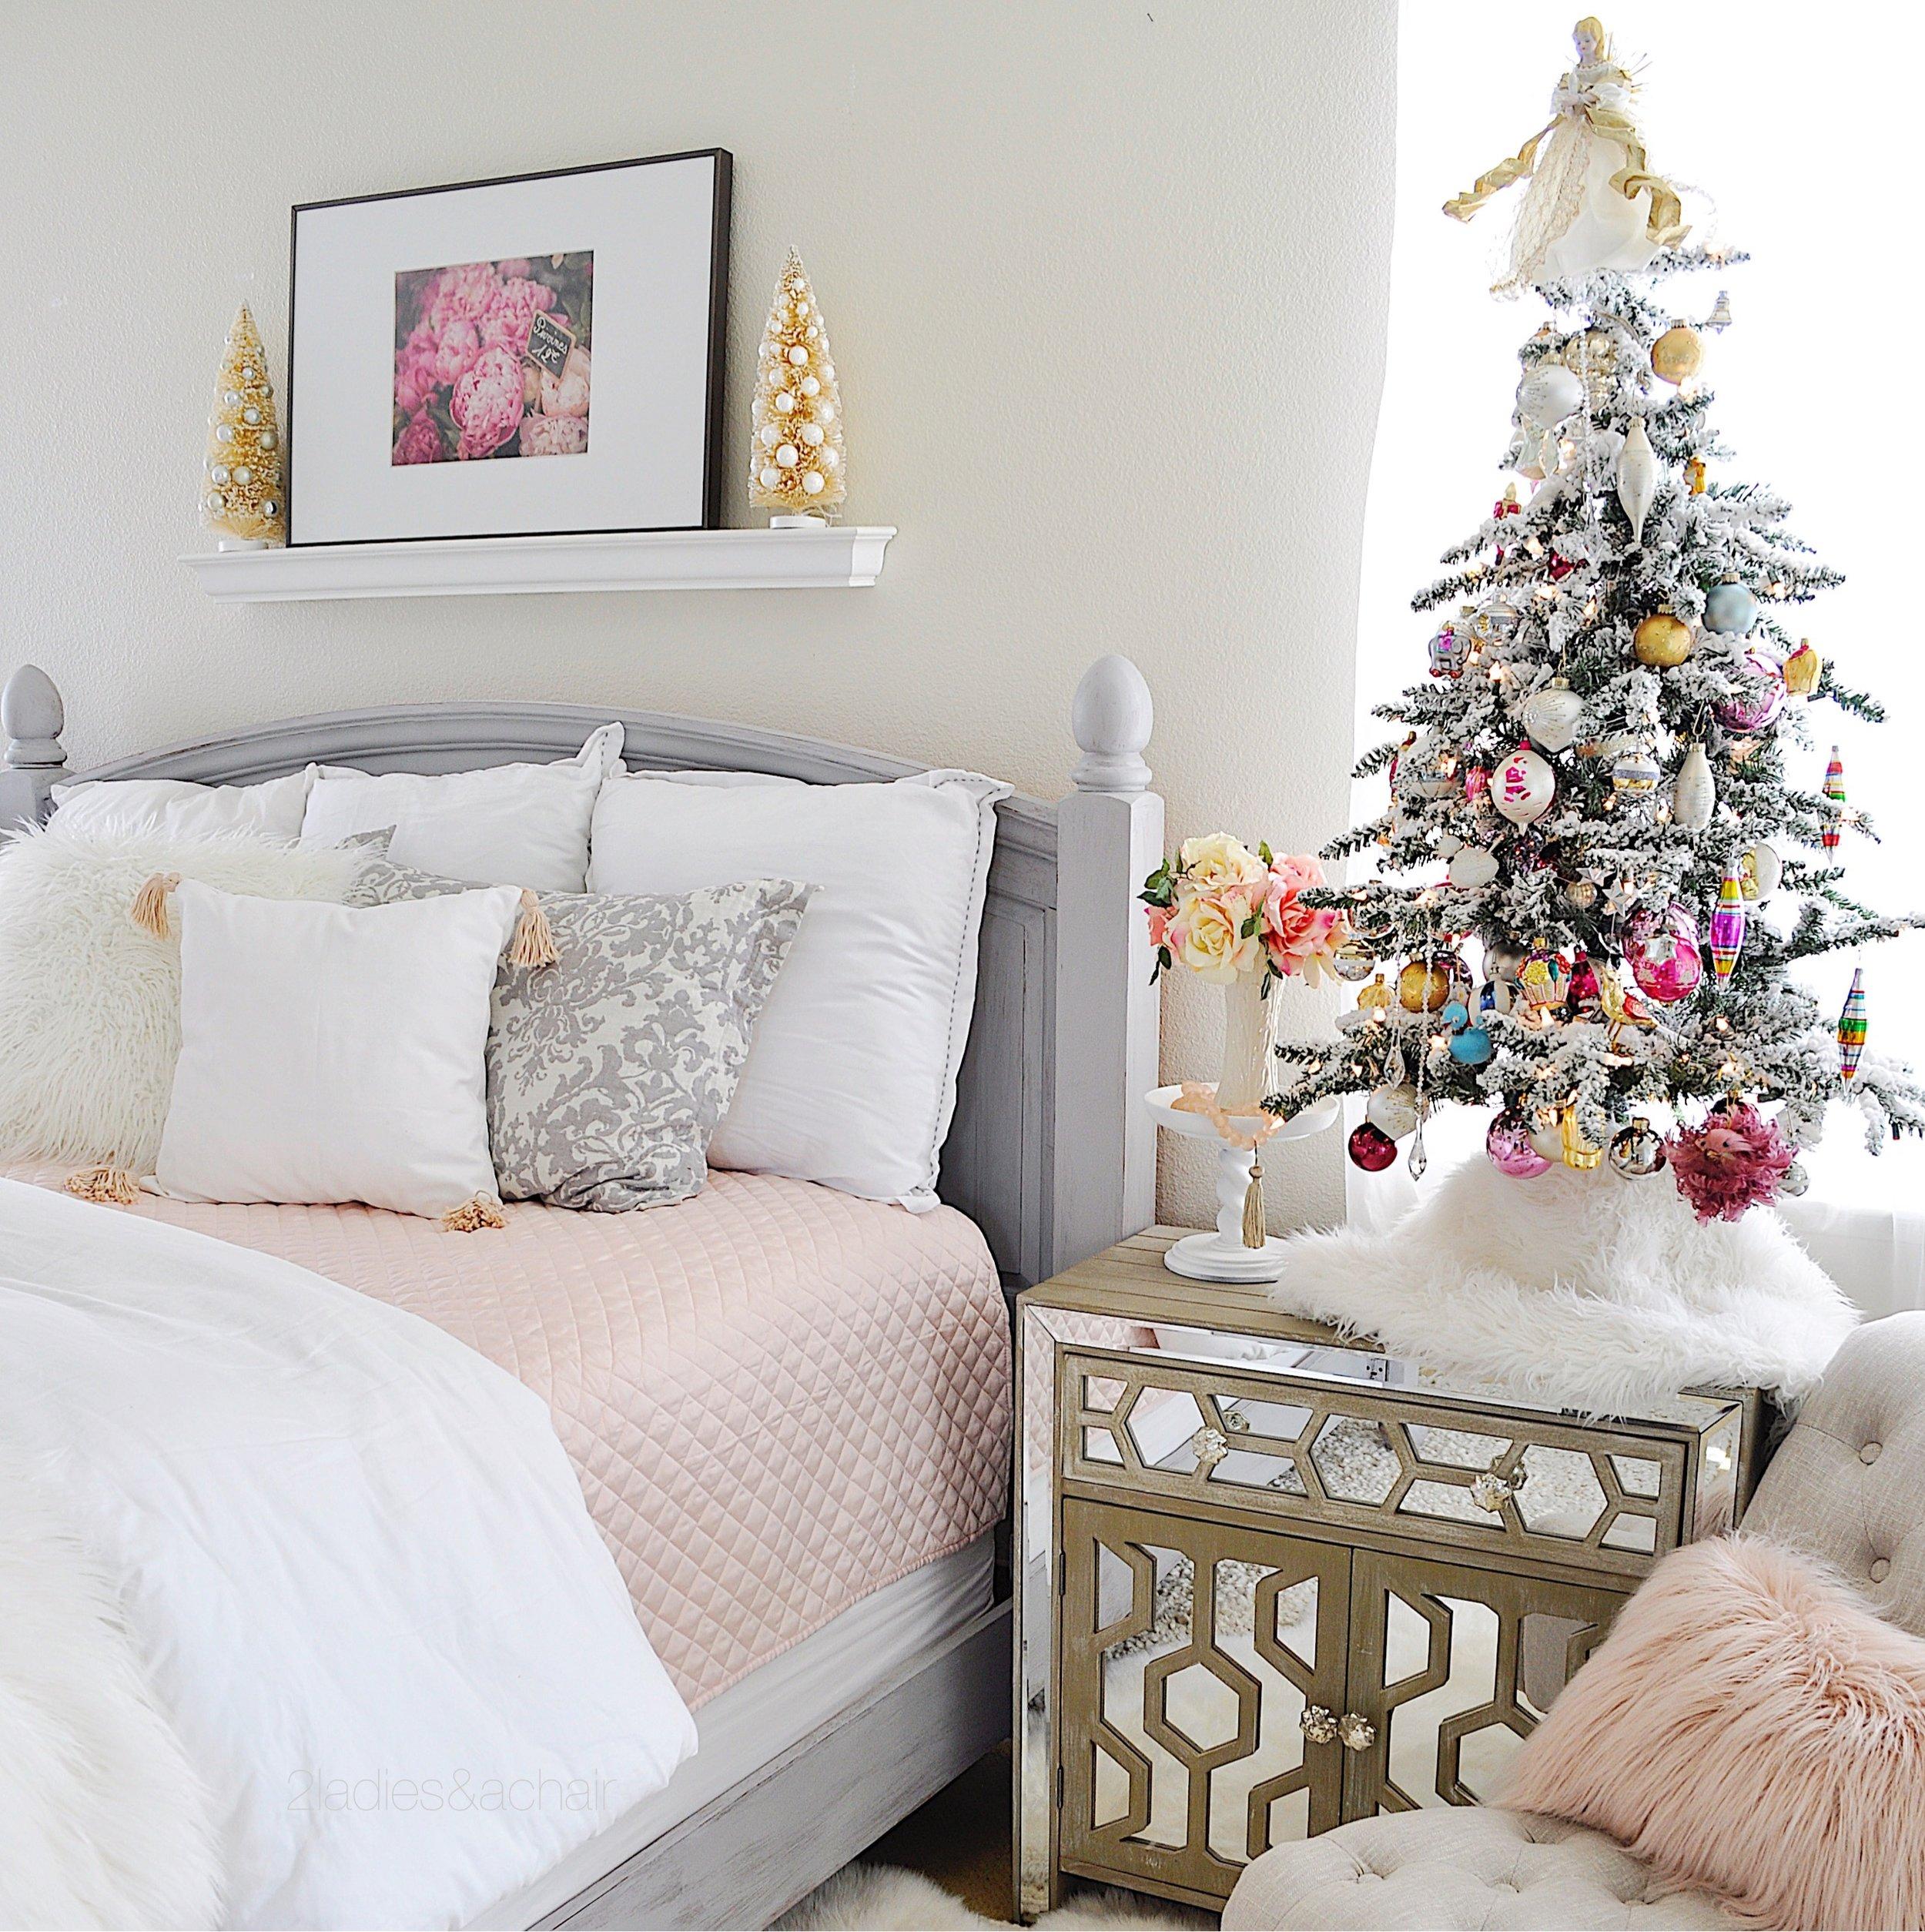 christmas home decorating IMG_8611.JPG